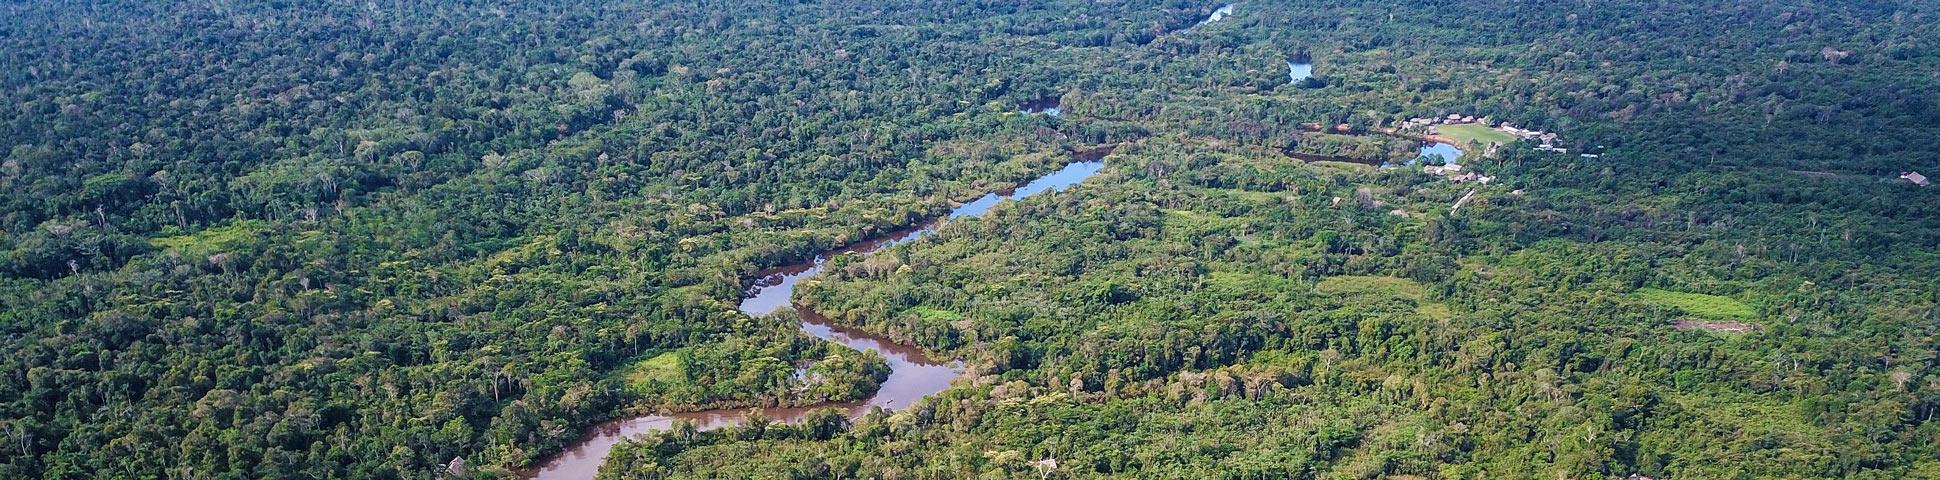 Fishing in the Peruvian Amazon Tour